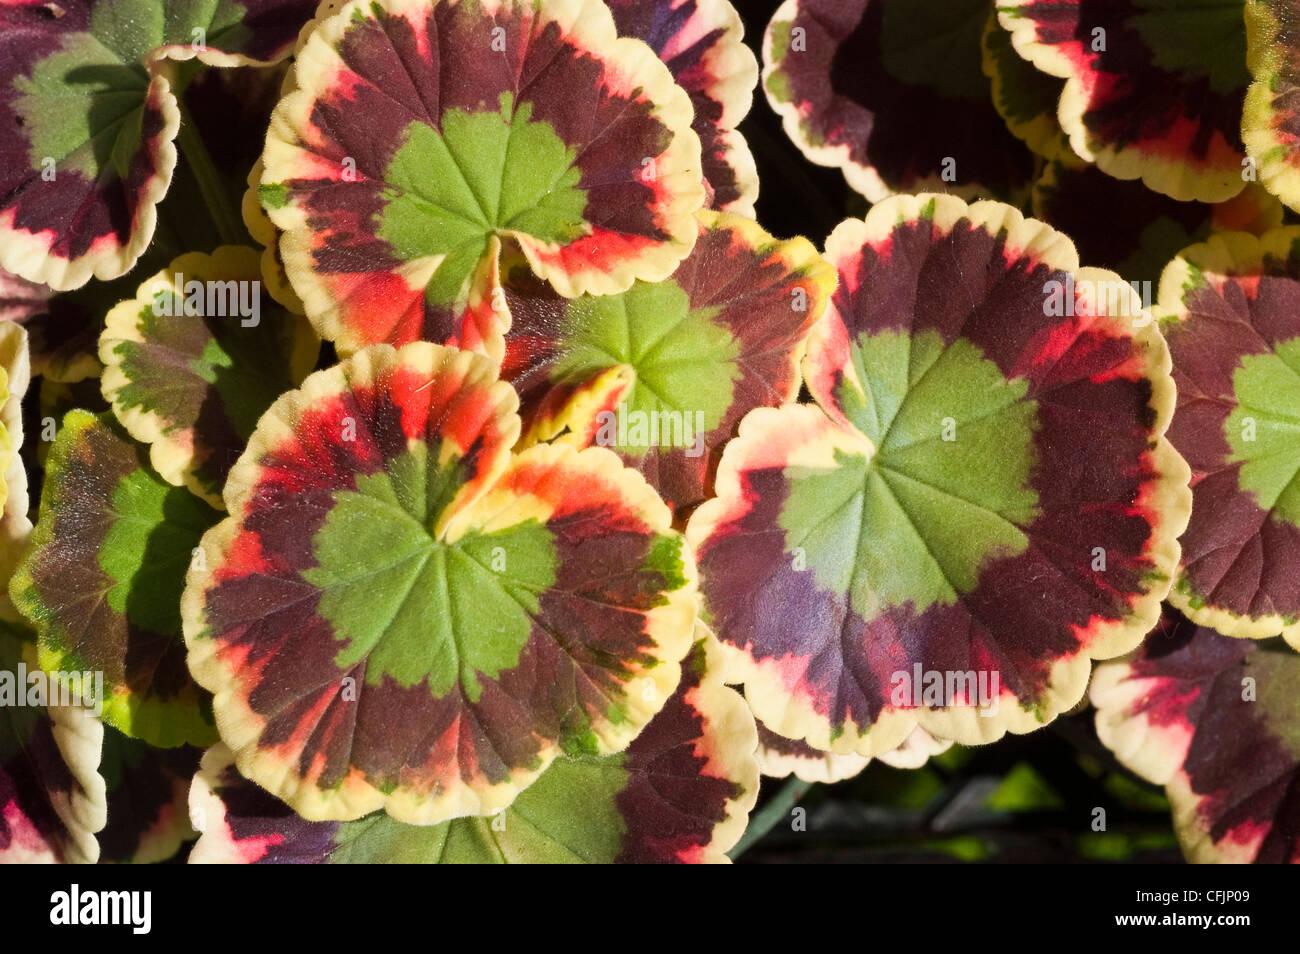 Blanco verde marrón fancy dejados follaje de geranio zonal o pelargonium Imagen De Stock